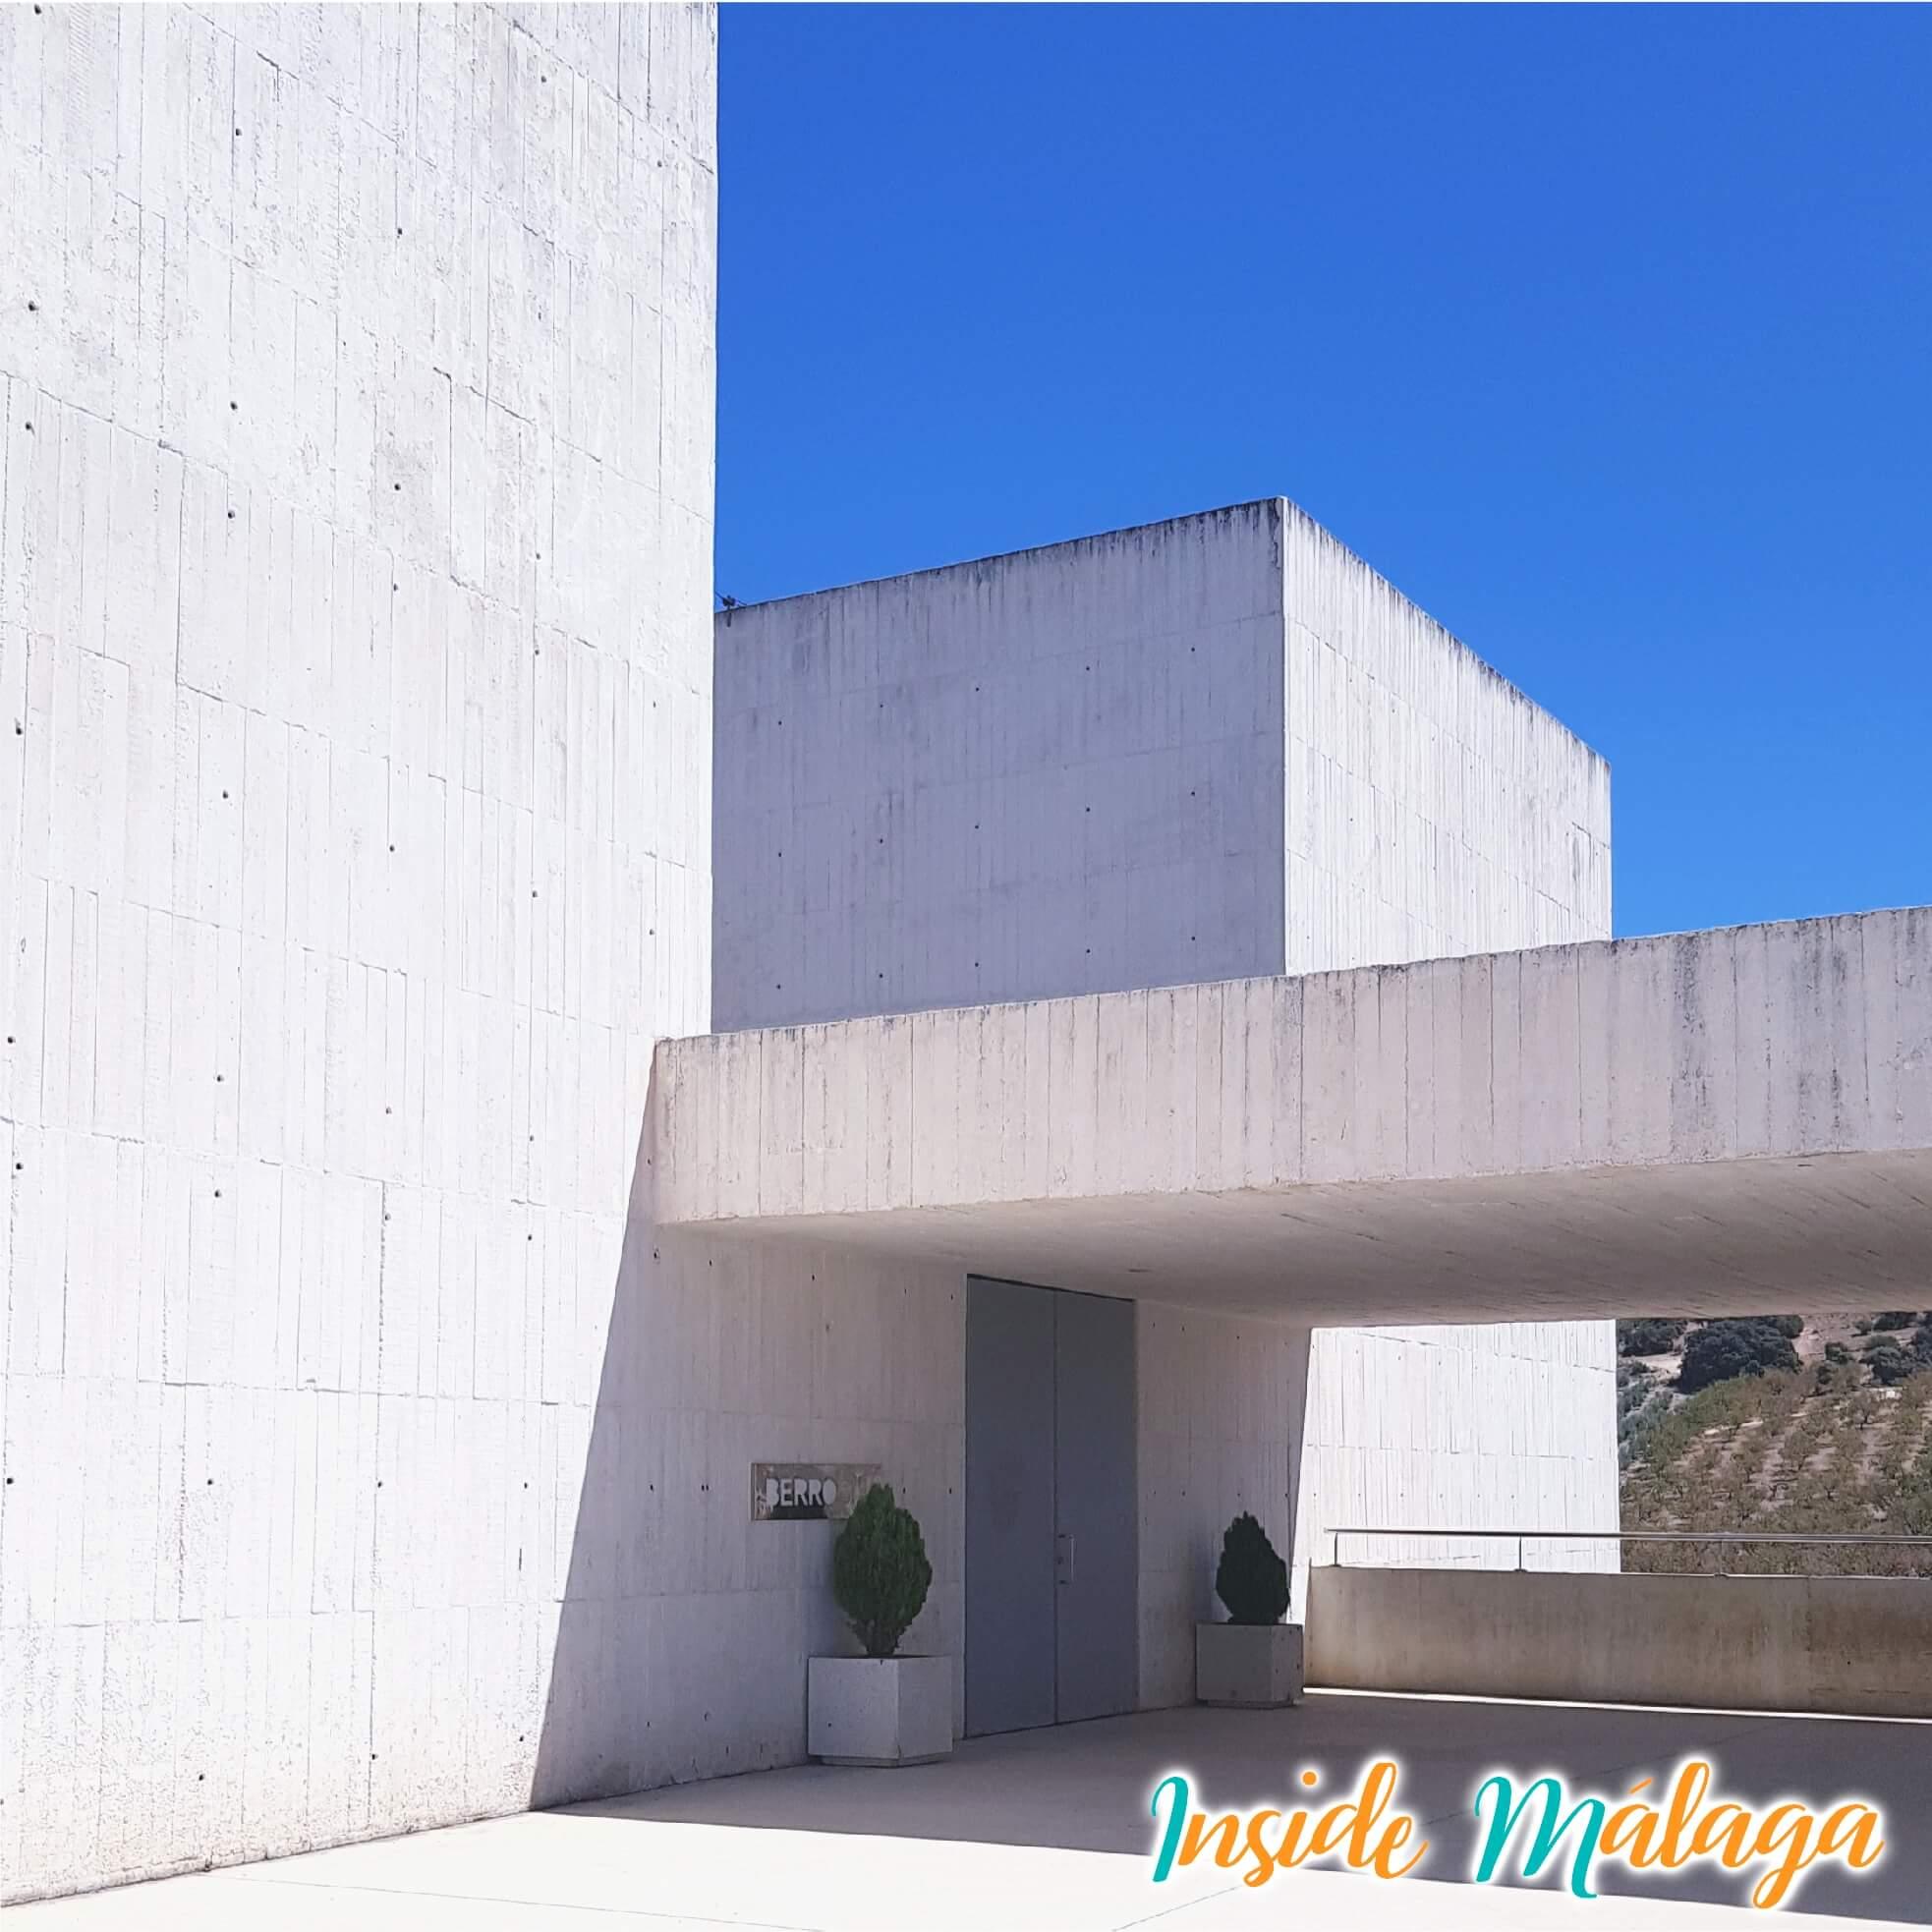 Museum Berrocal Villanueva de Algaidas Malaga